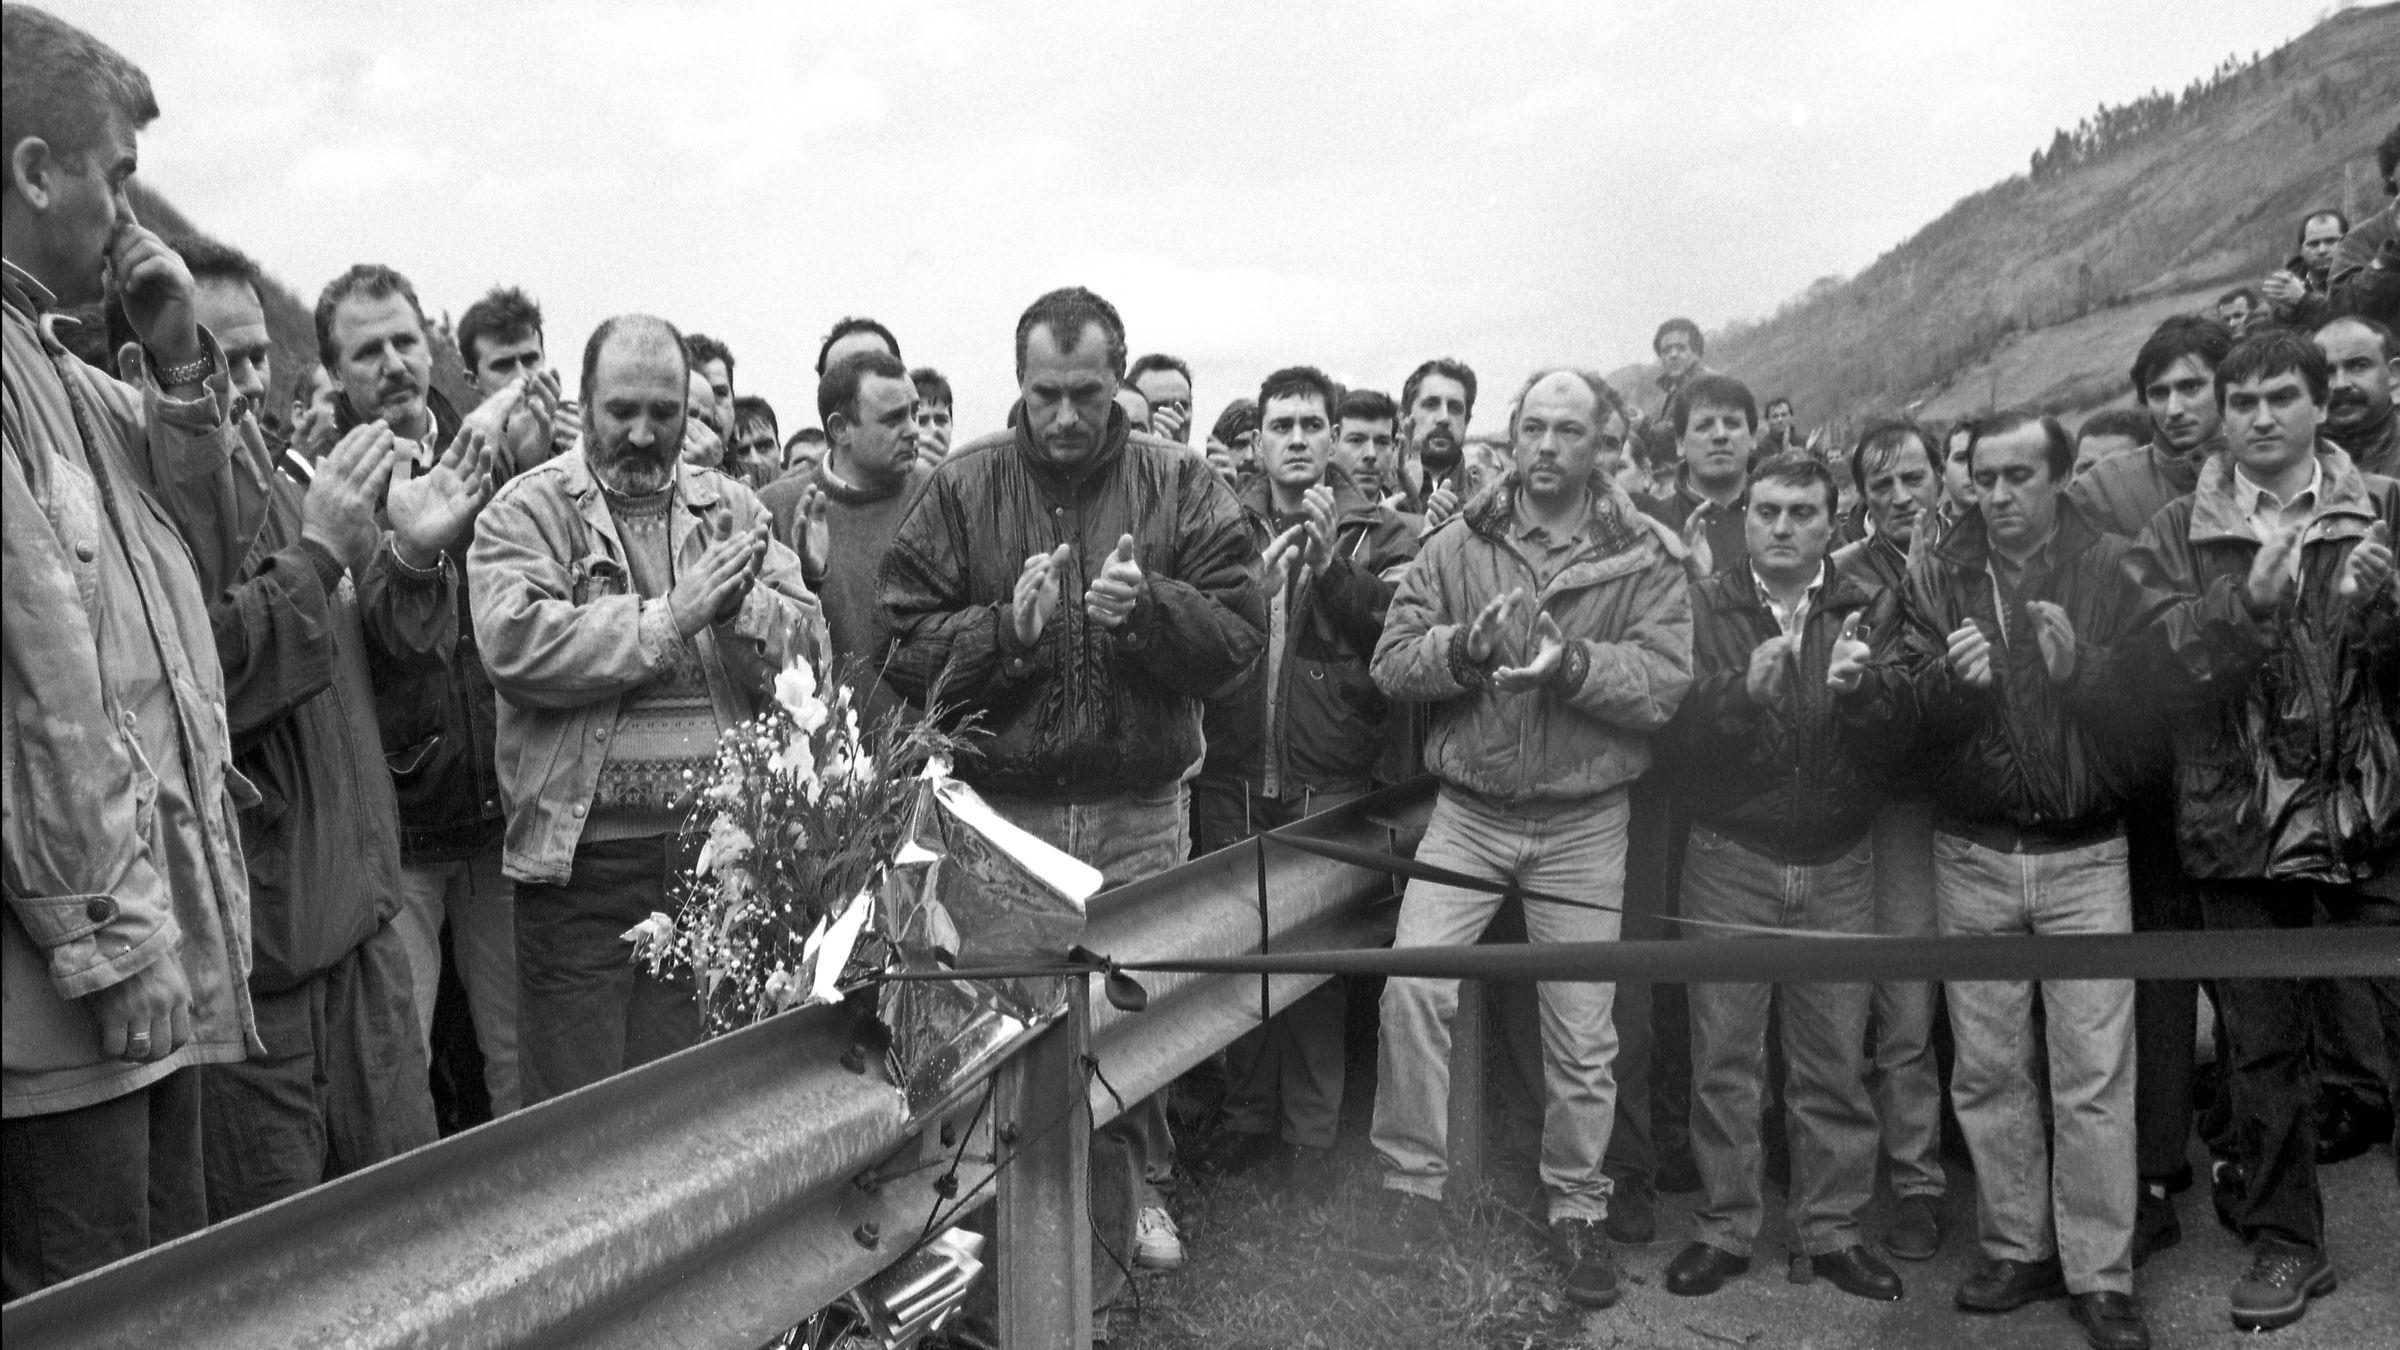 Homenaje al minero atropellado en la A-66, Lorenzo Gallardo Carro, durante las movilizaciones mineras. Ujo. Asturias 1998